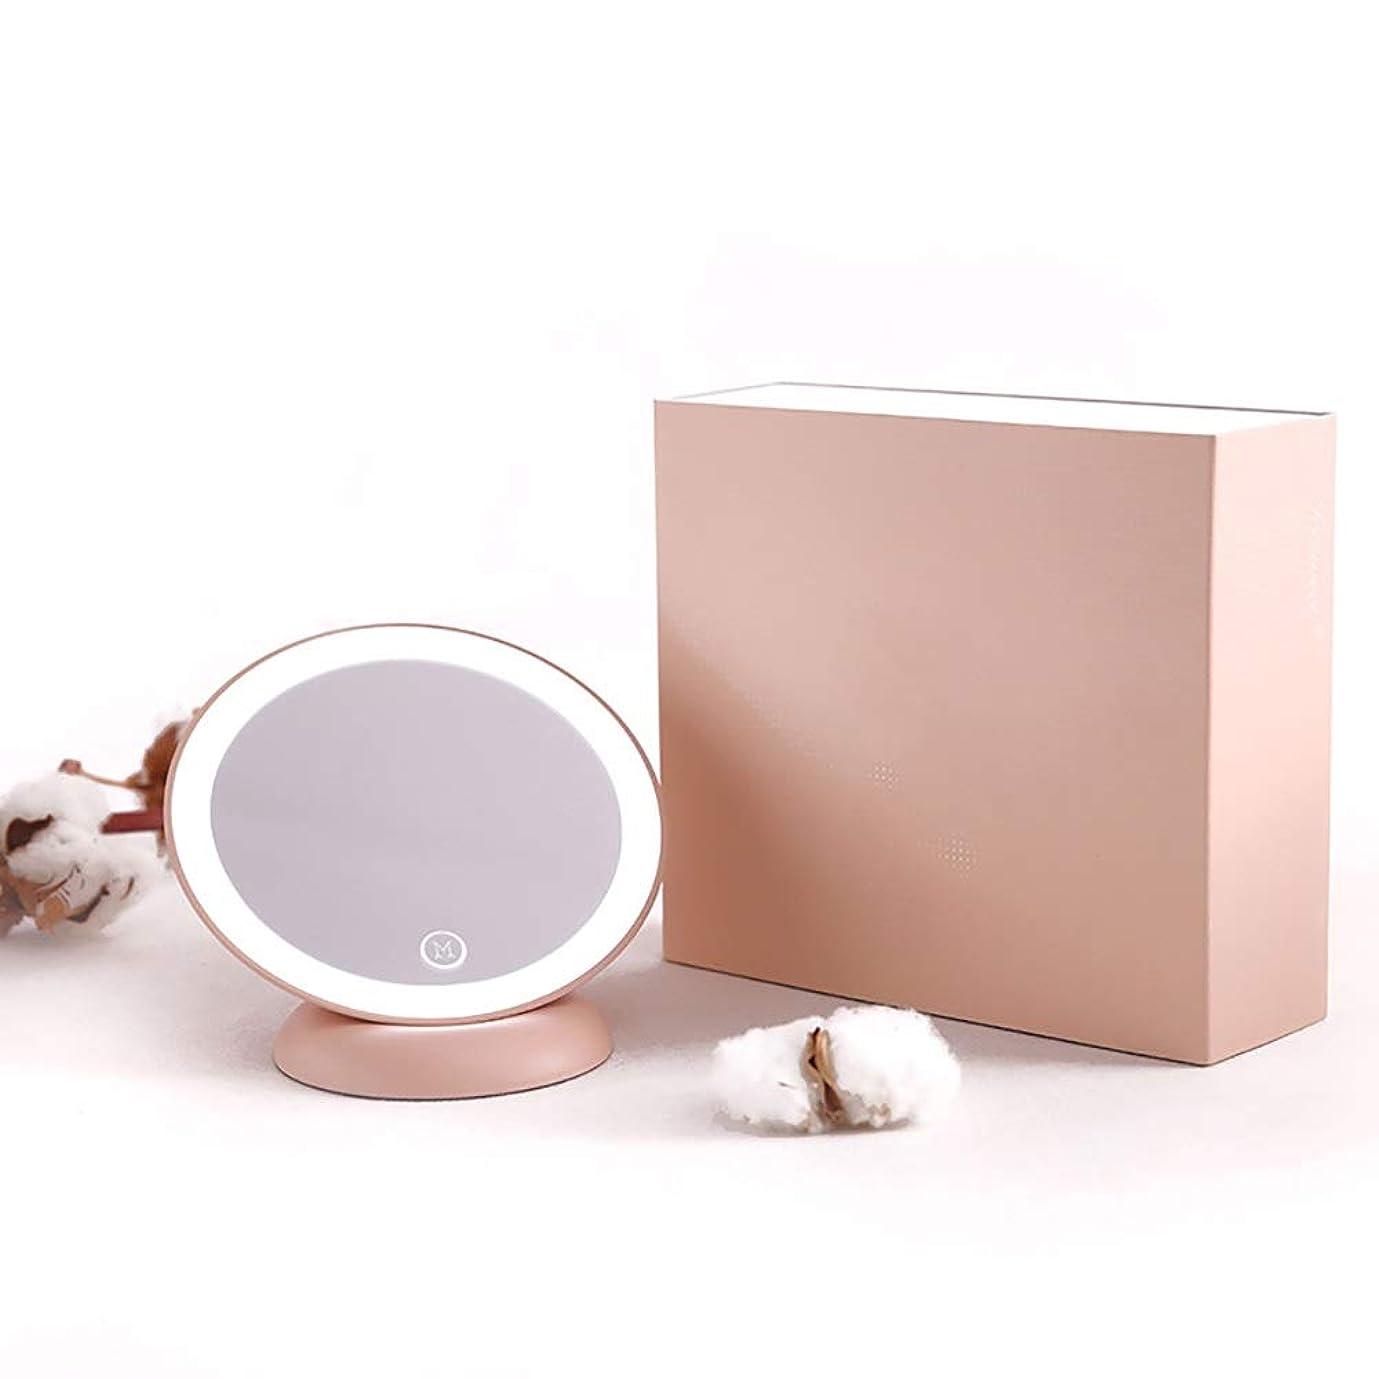 啓発するリンク父方の流行の 磁石を運ぶ創造的なライト360度回転ピンク1200mAh化粧鏡